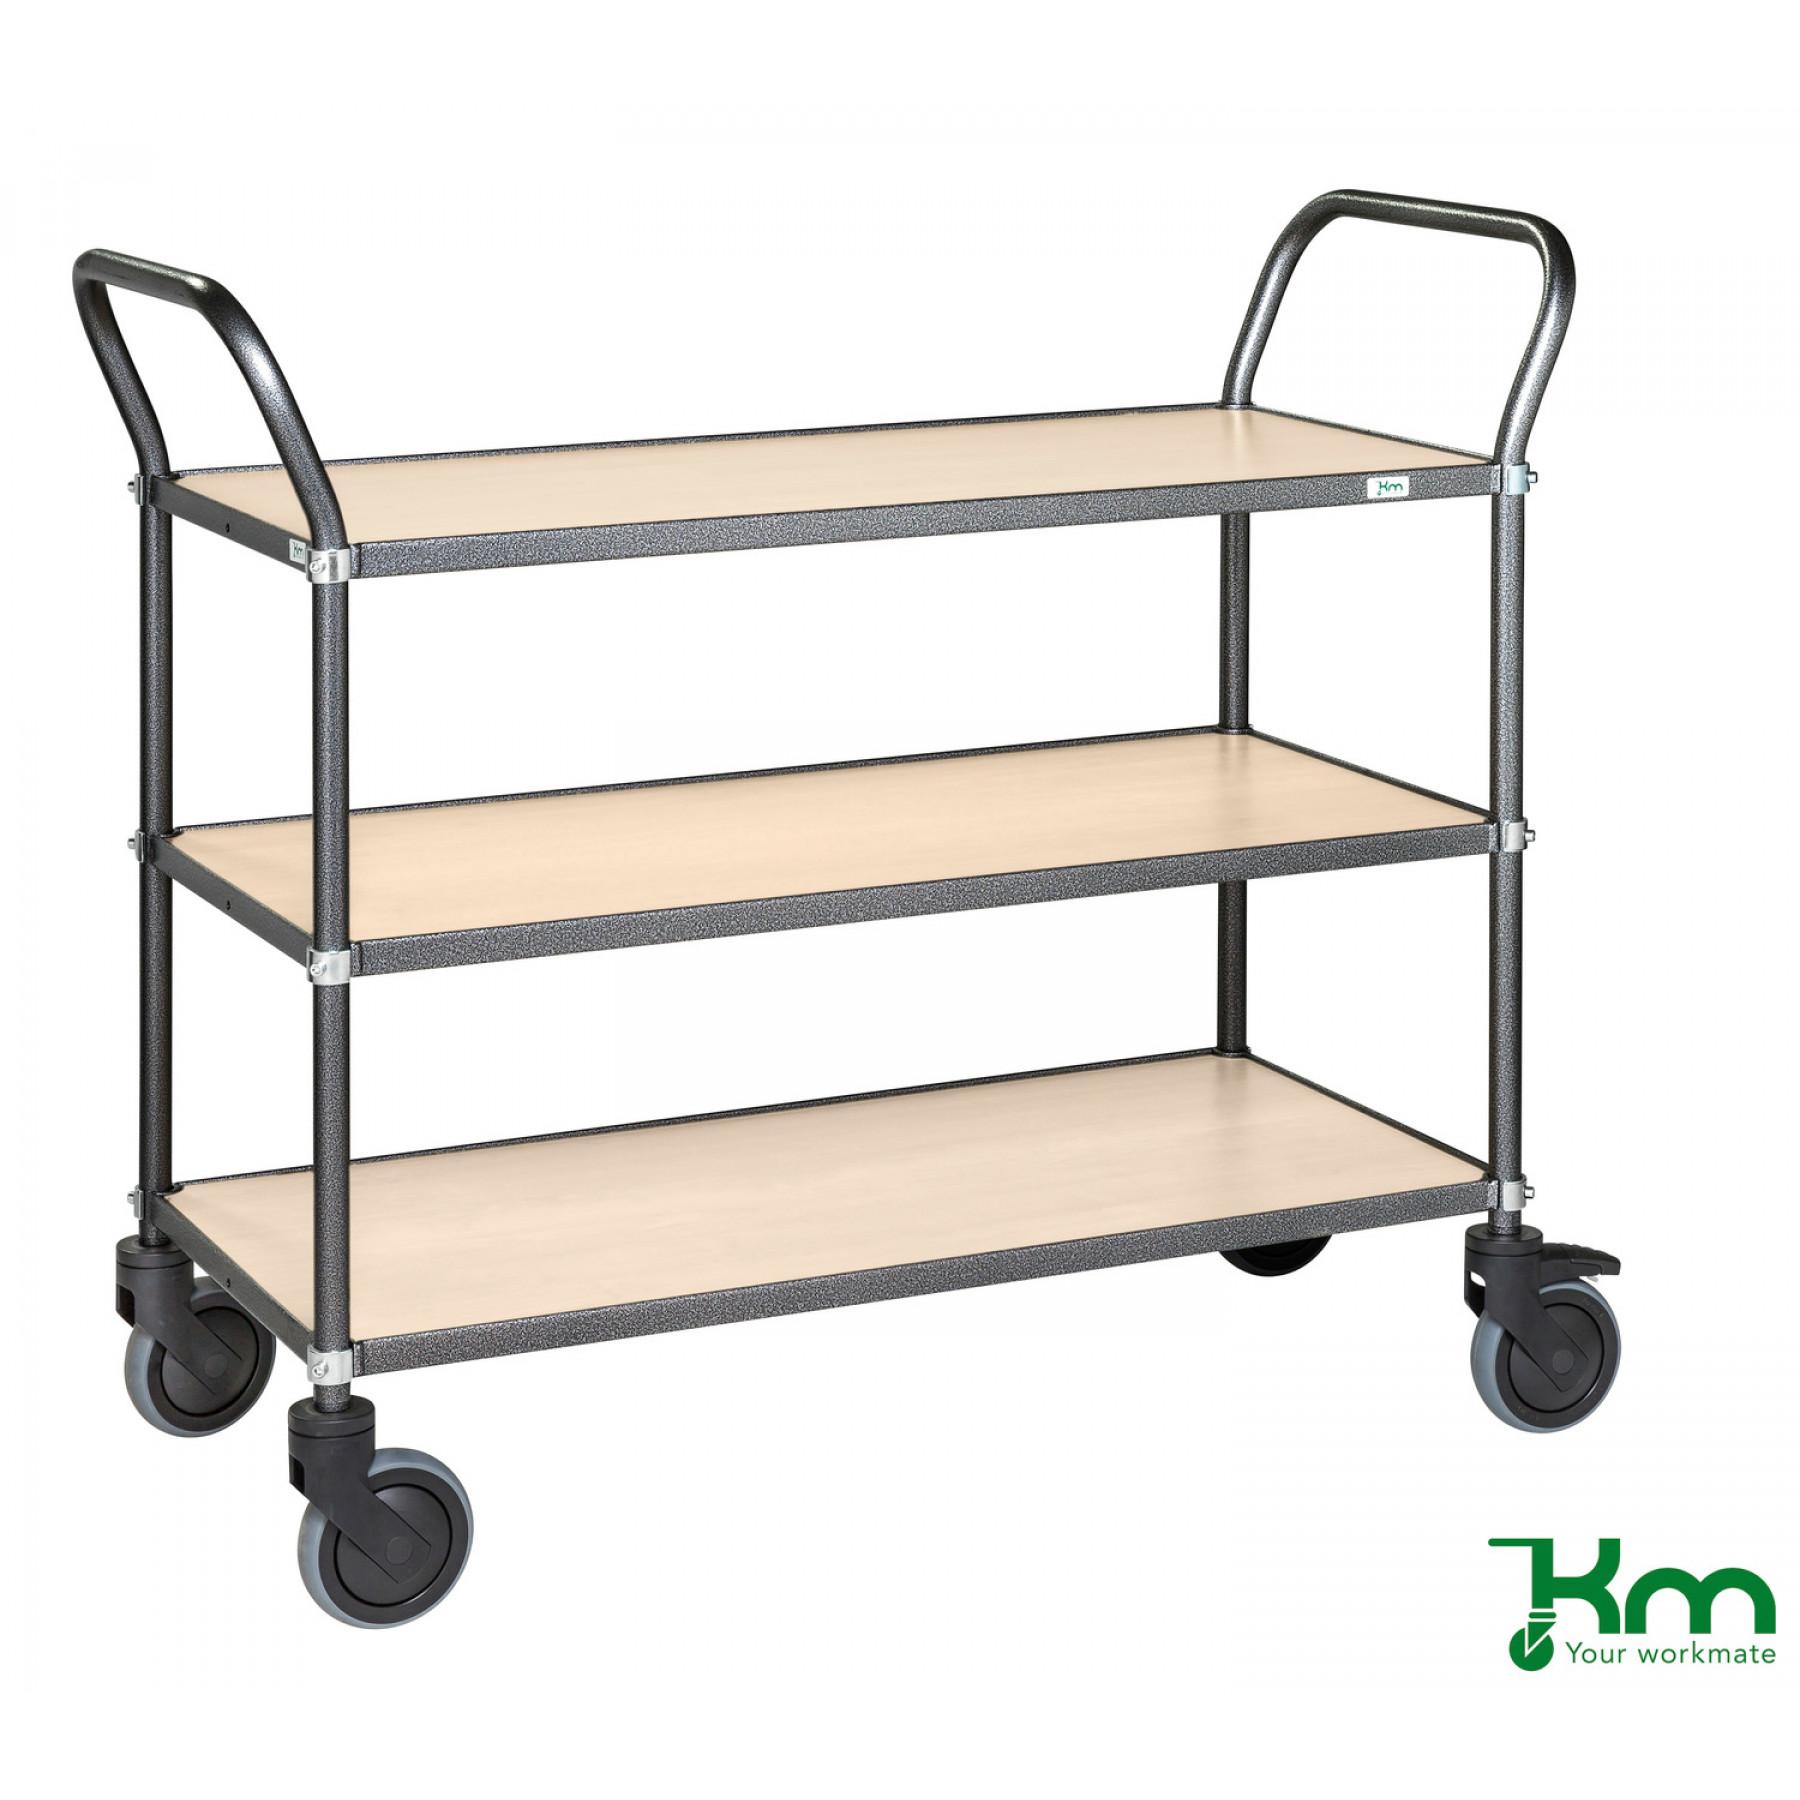 Design tafelwagen met berkenstructuur toplaag, KM 9113-BJ